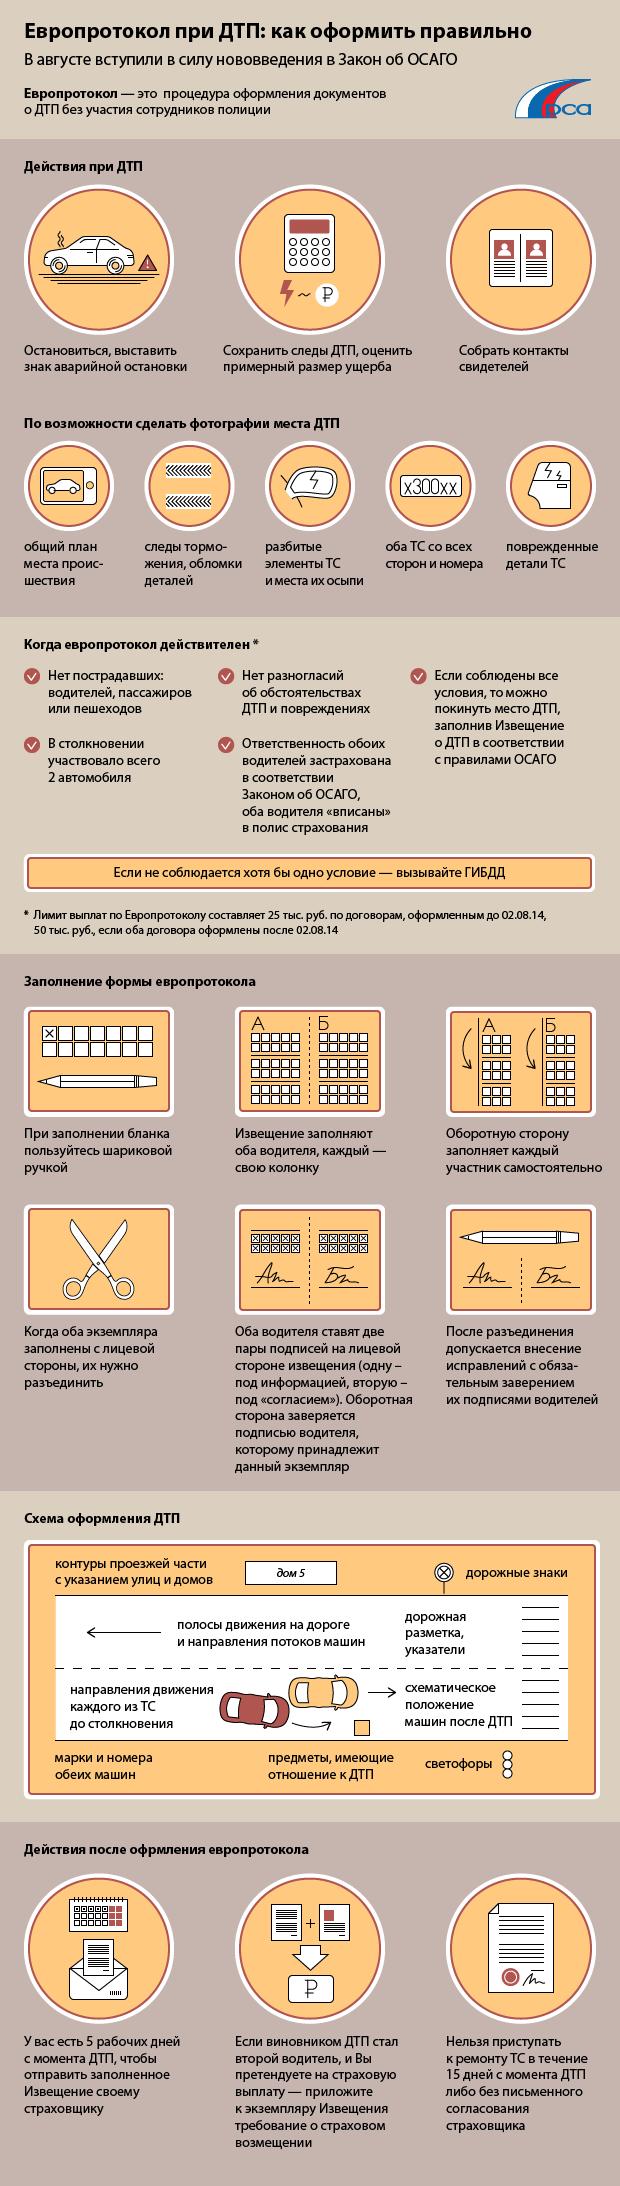 Оформление европротокола в картинках